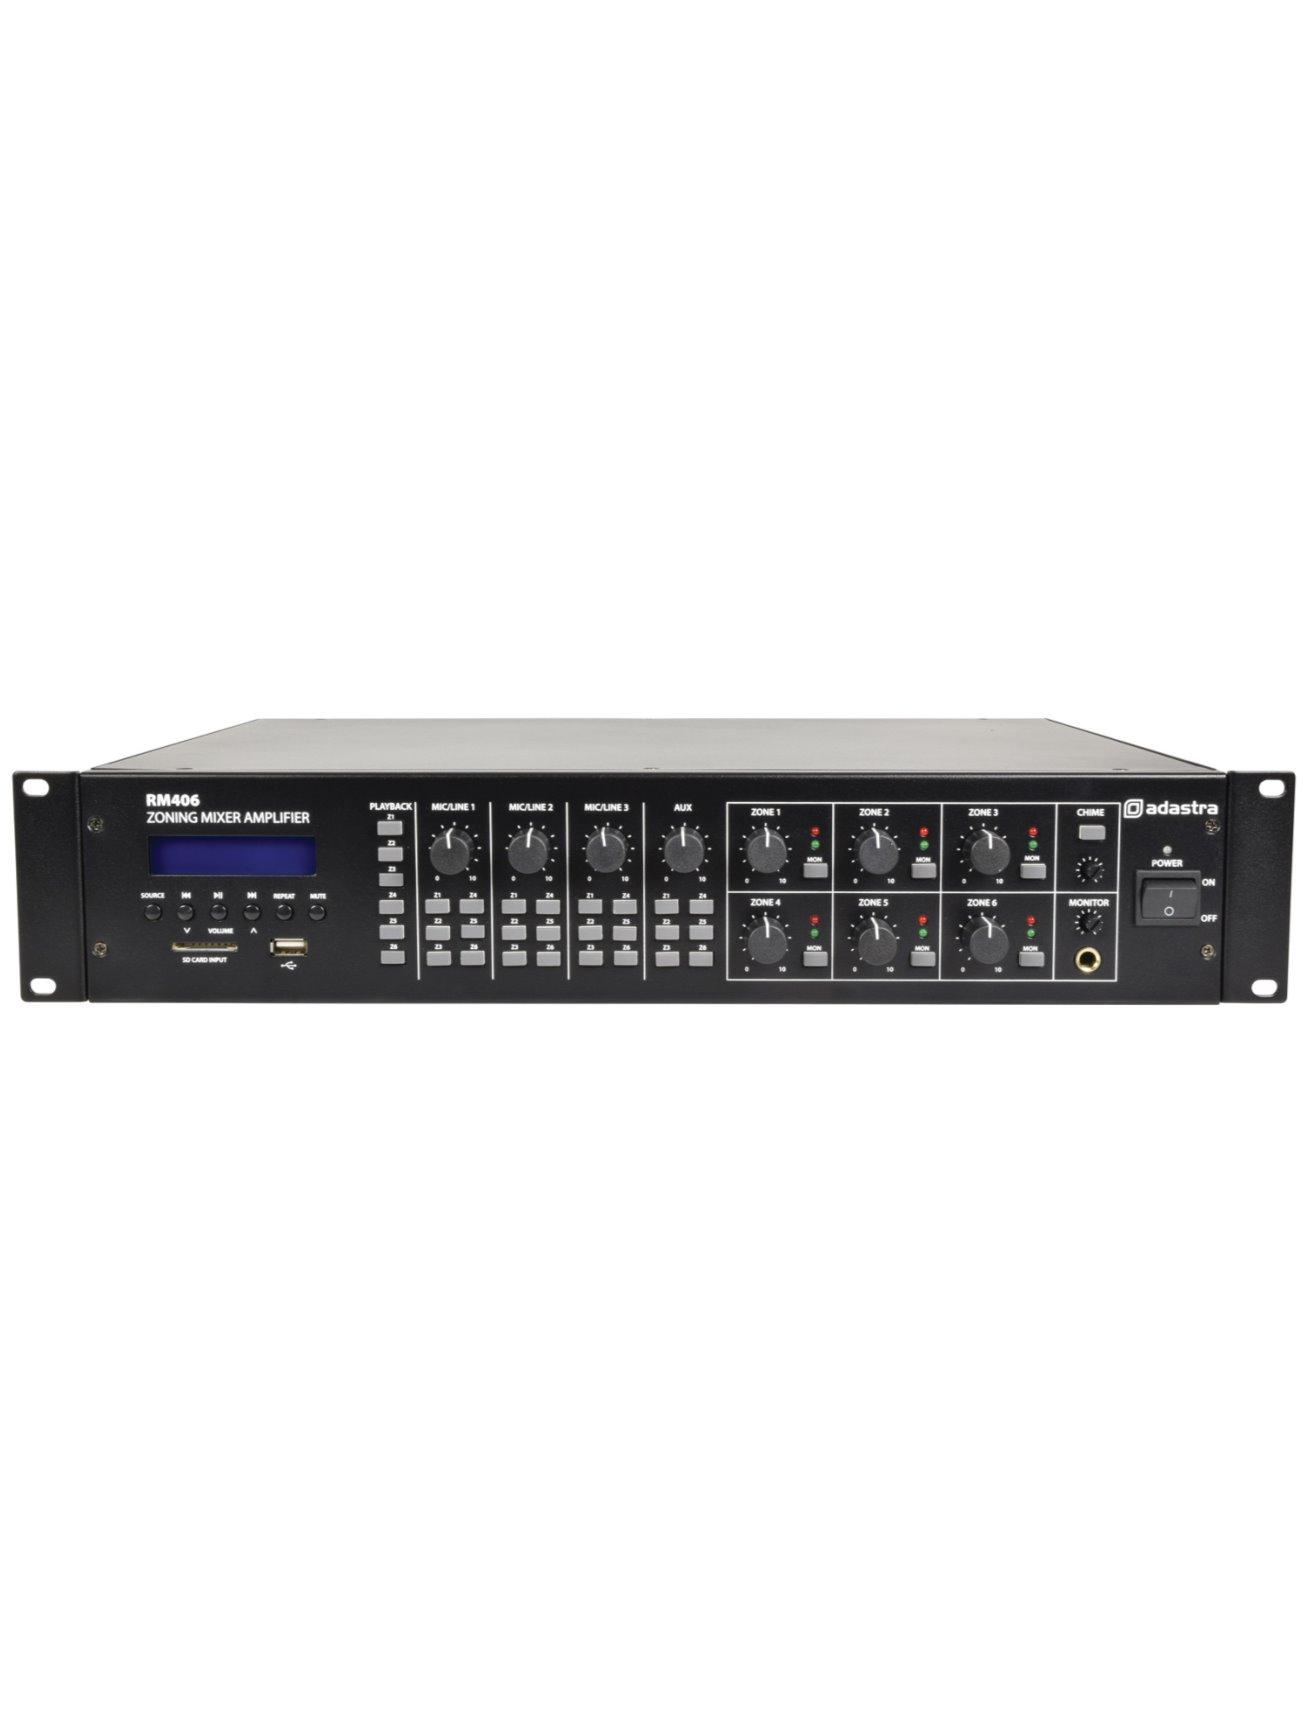 Adastra RM406 100V/8Ω Μίκτης-Ενισχυτής 6 Ζωνών Με USB/SD/FM & Bluetooth 6x40W 2U